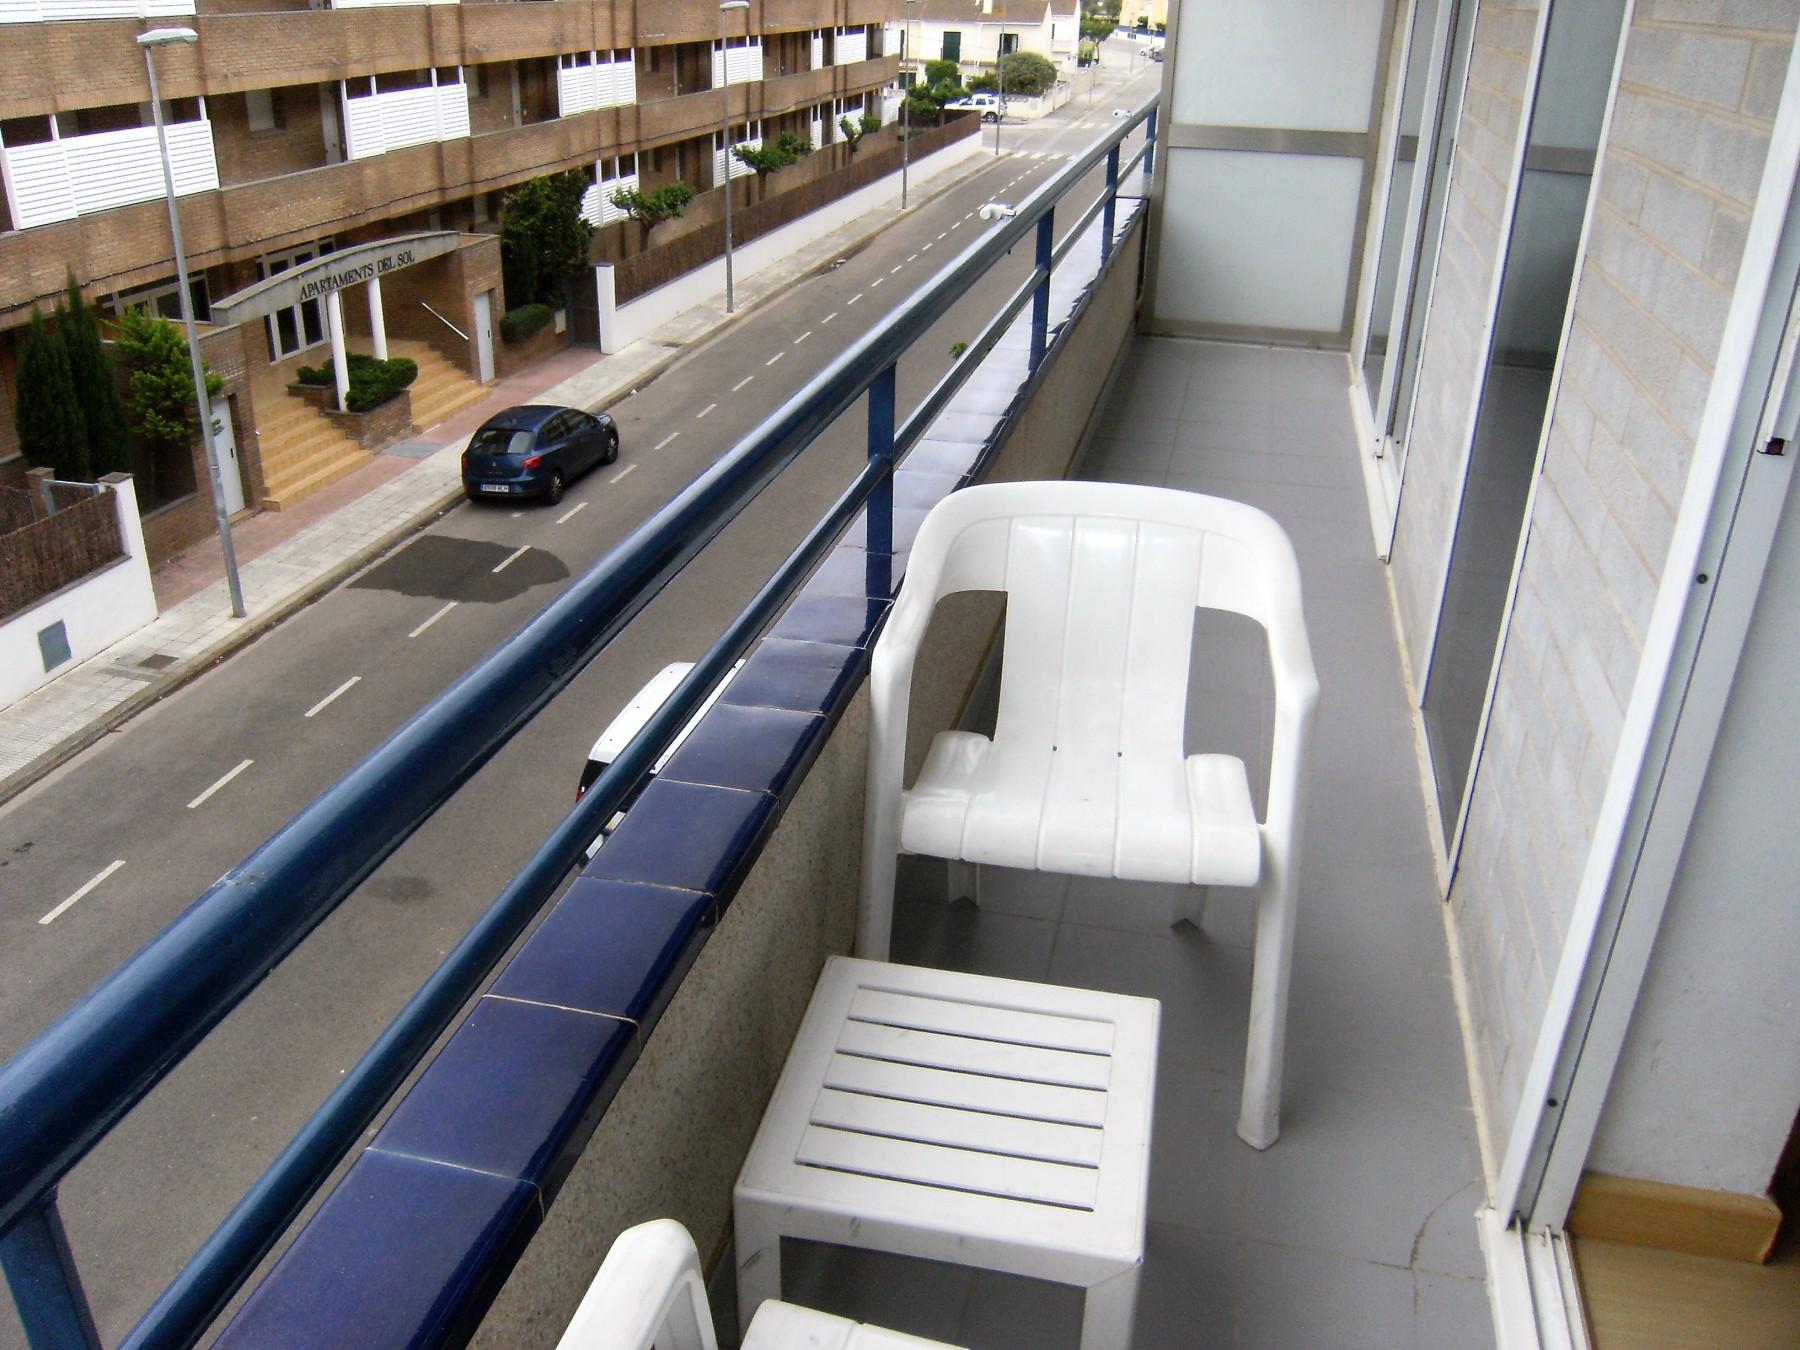 Ferienwohnung BLAU PARK 302 PK 5 (2098675), Els Griells, Costa Brava, Katalonien, Spanien, Bild 11